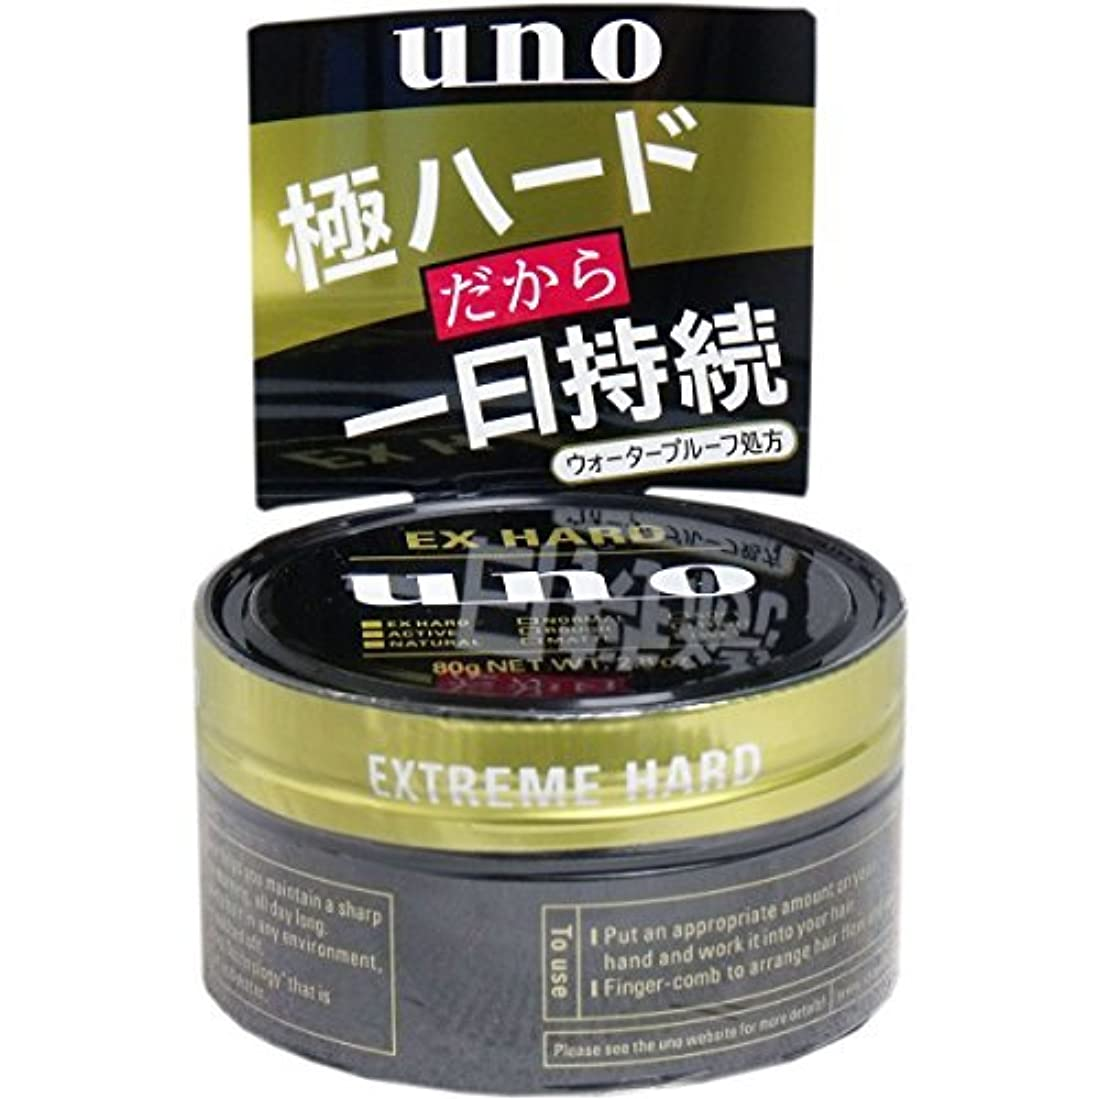 に頼る版長方形UNO(ウーノ) エクストリームハード 整髪料 80g